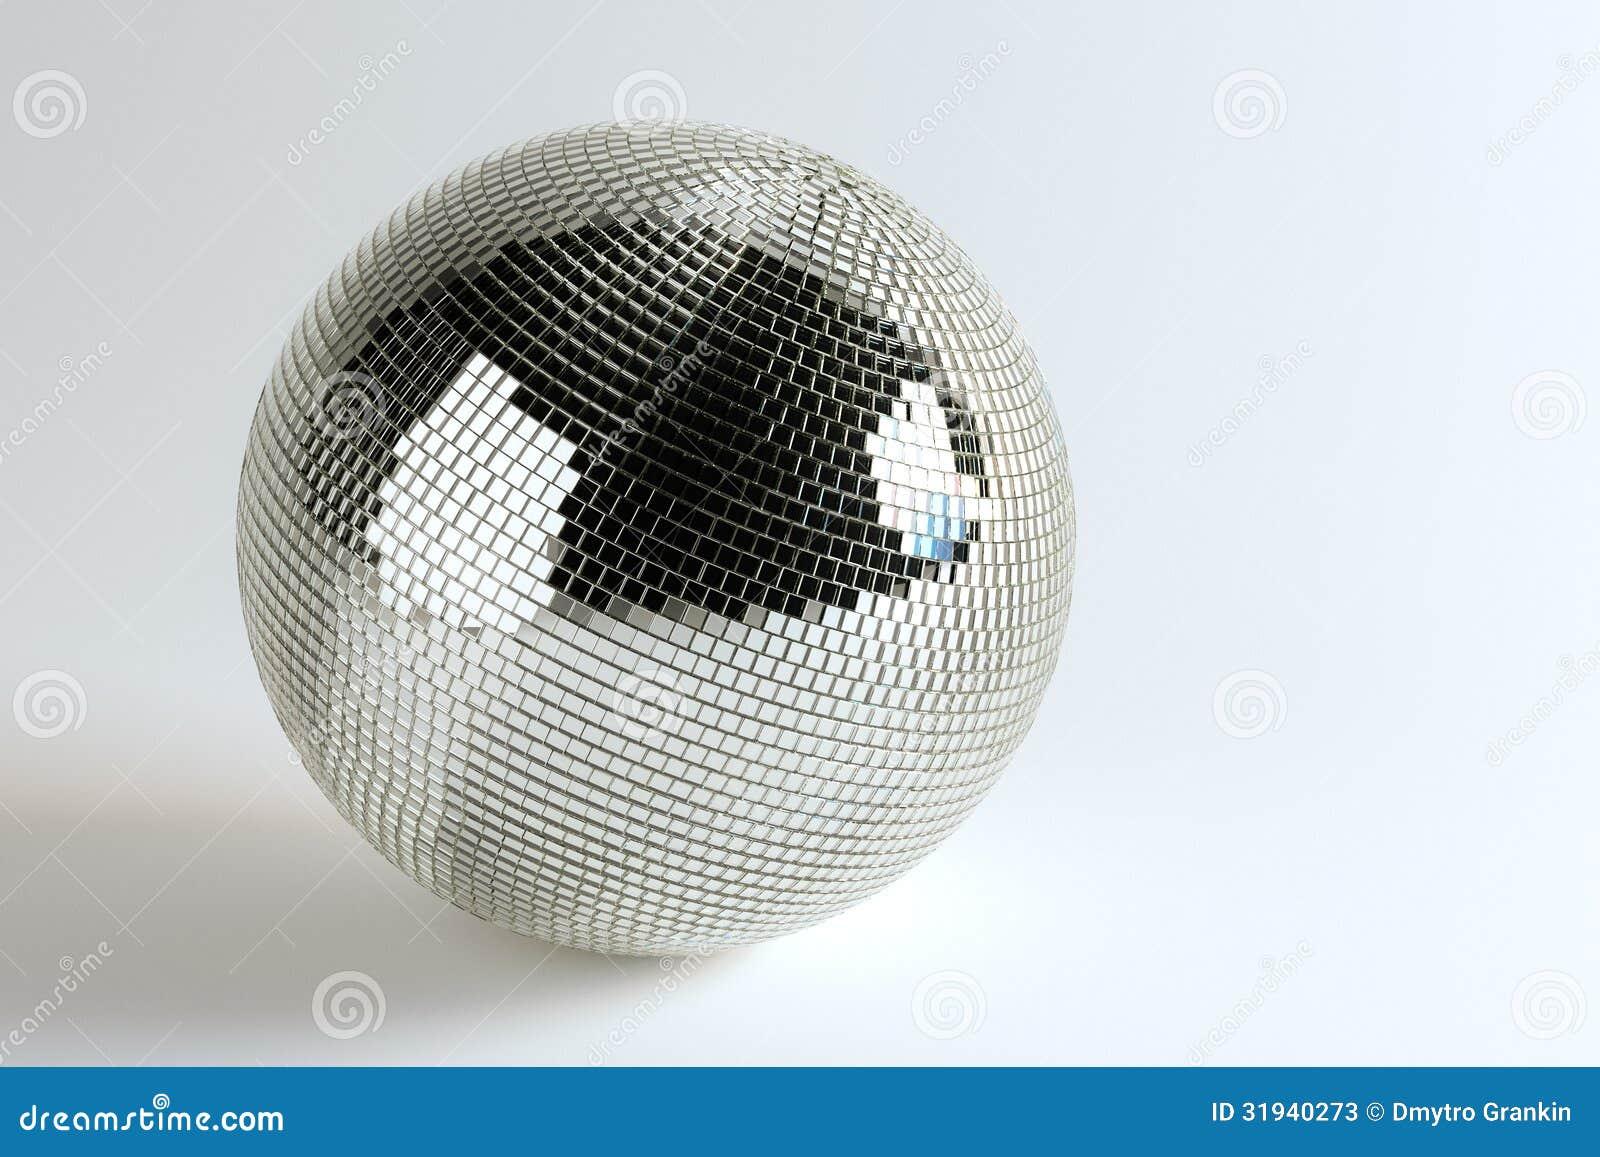 disco ball background white - photo #11